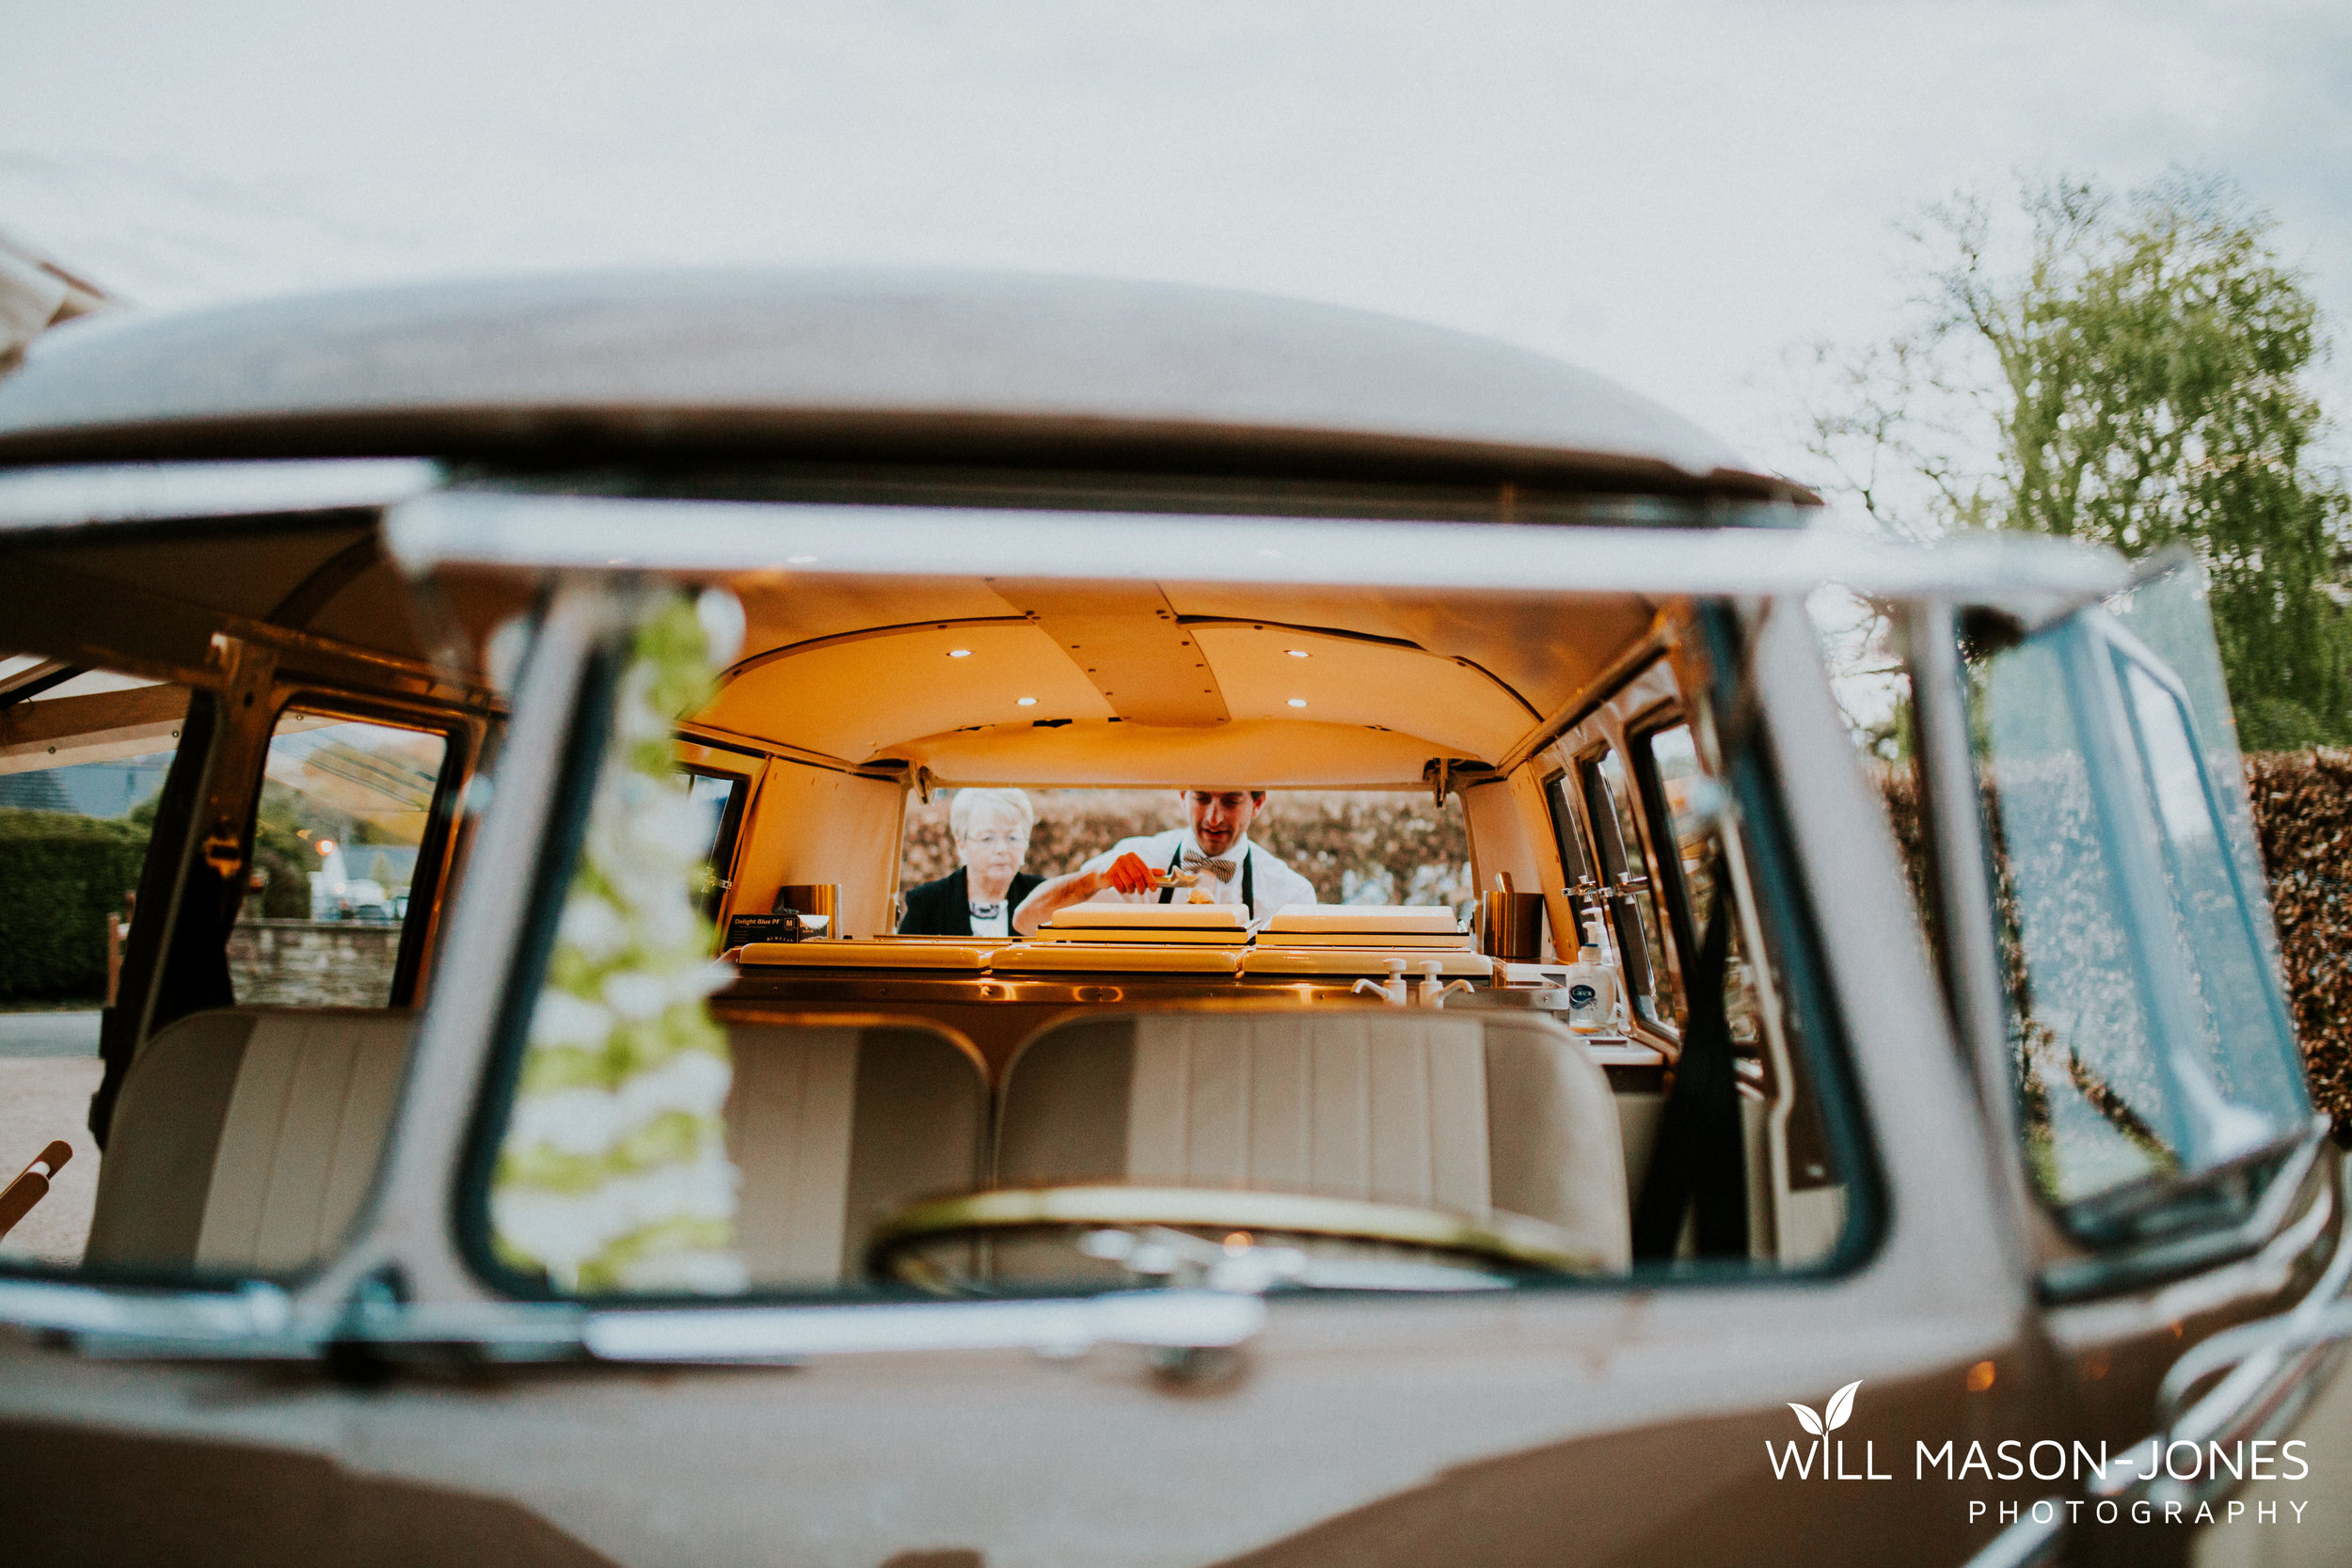 barn-y-brynych-brecon-swansea-wedding-photographer-cardiff-30.jpg